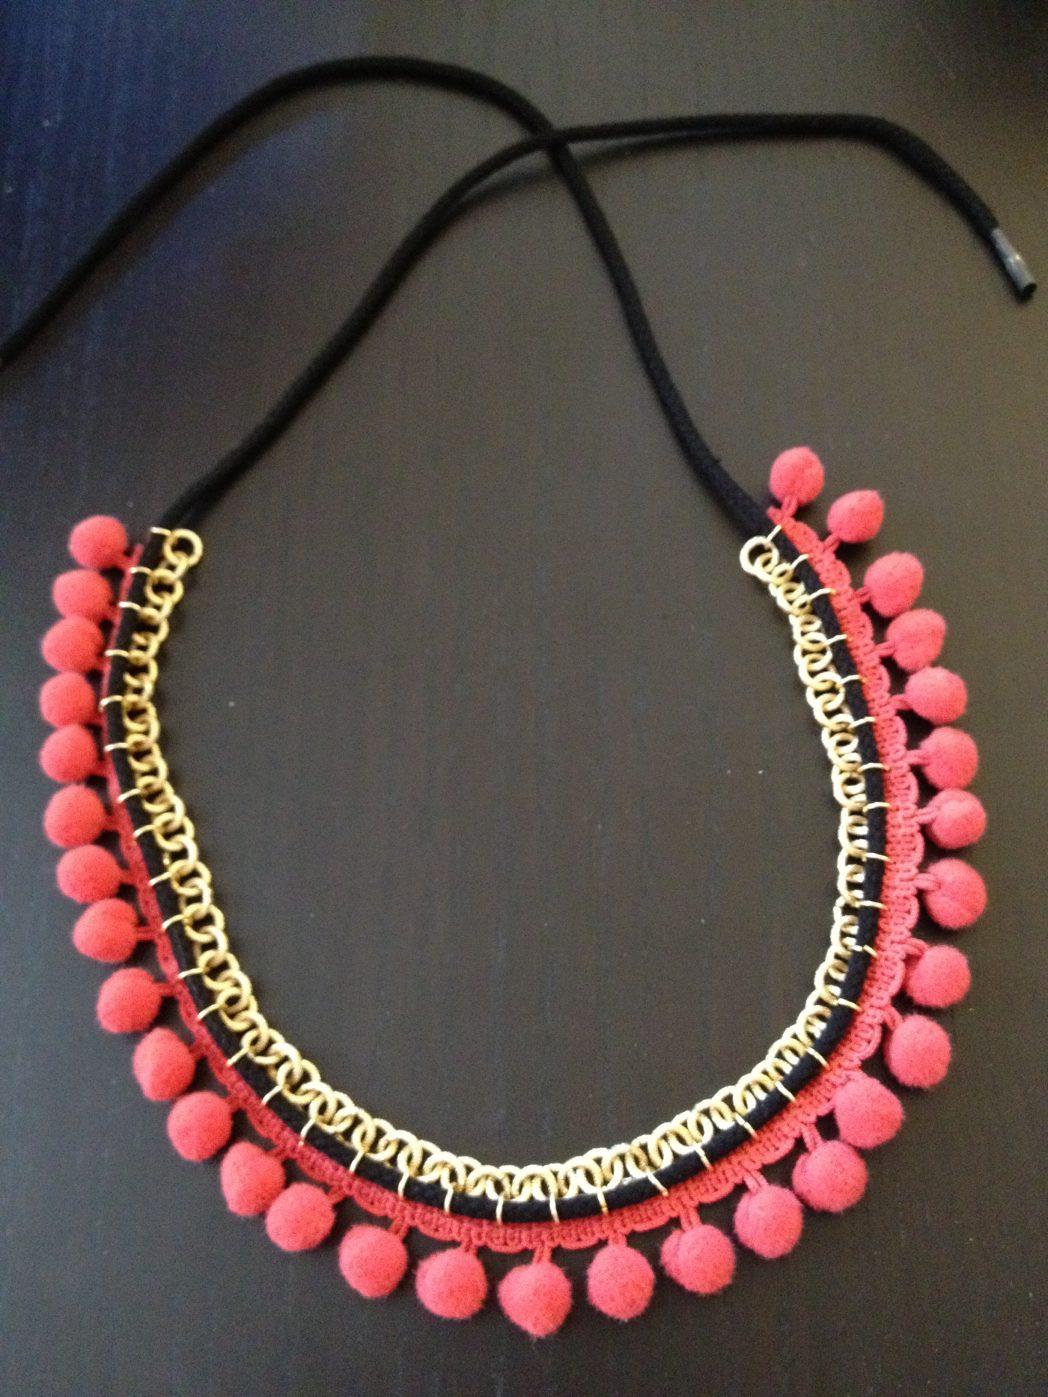 DIY #2 Le collier Pomponette